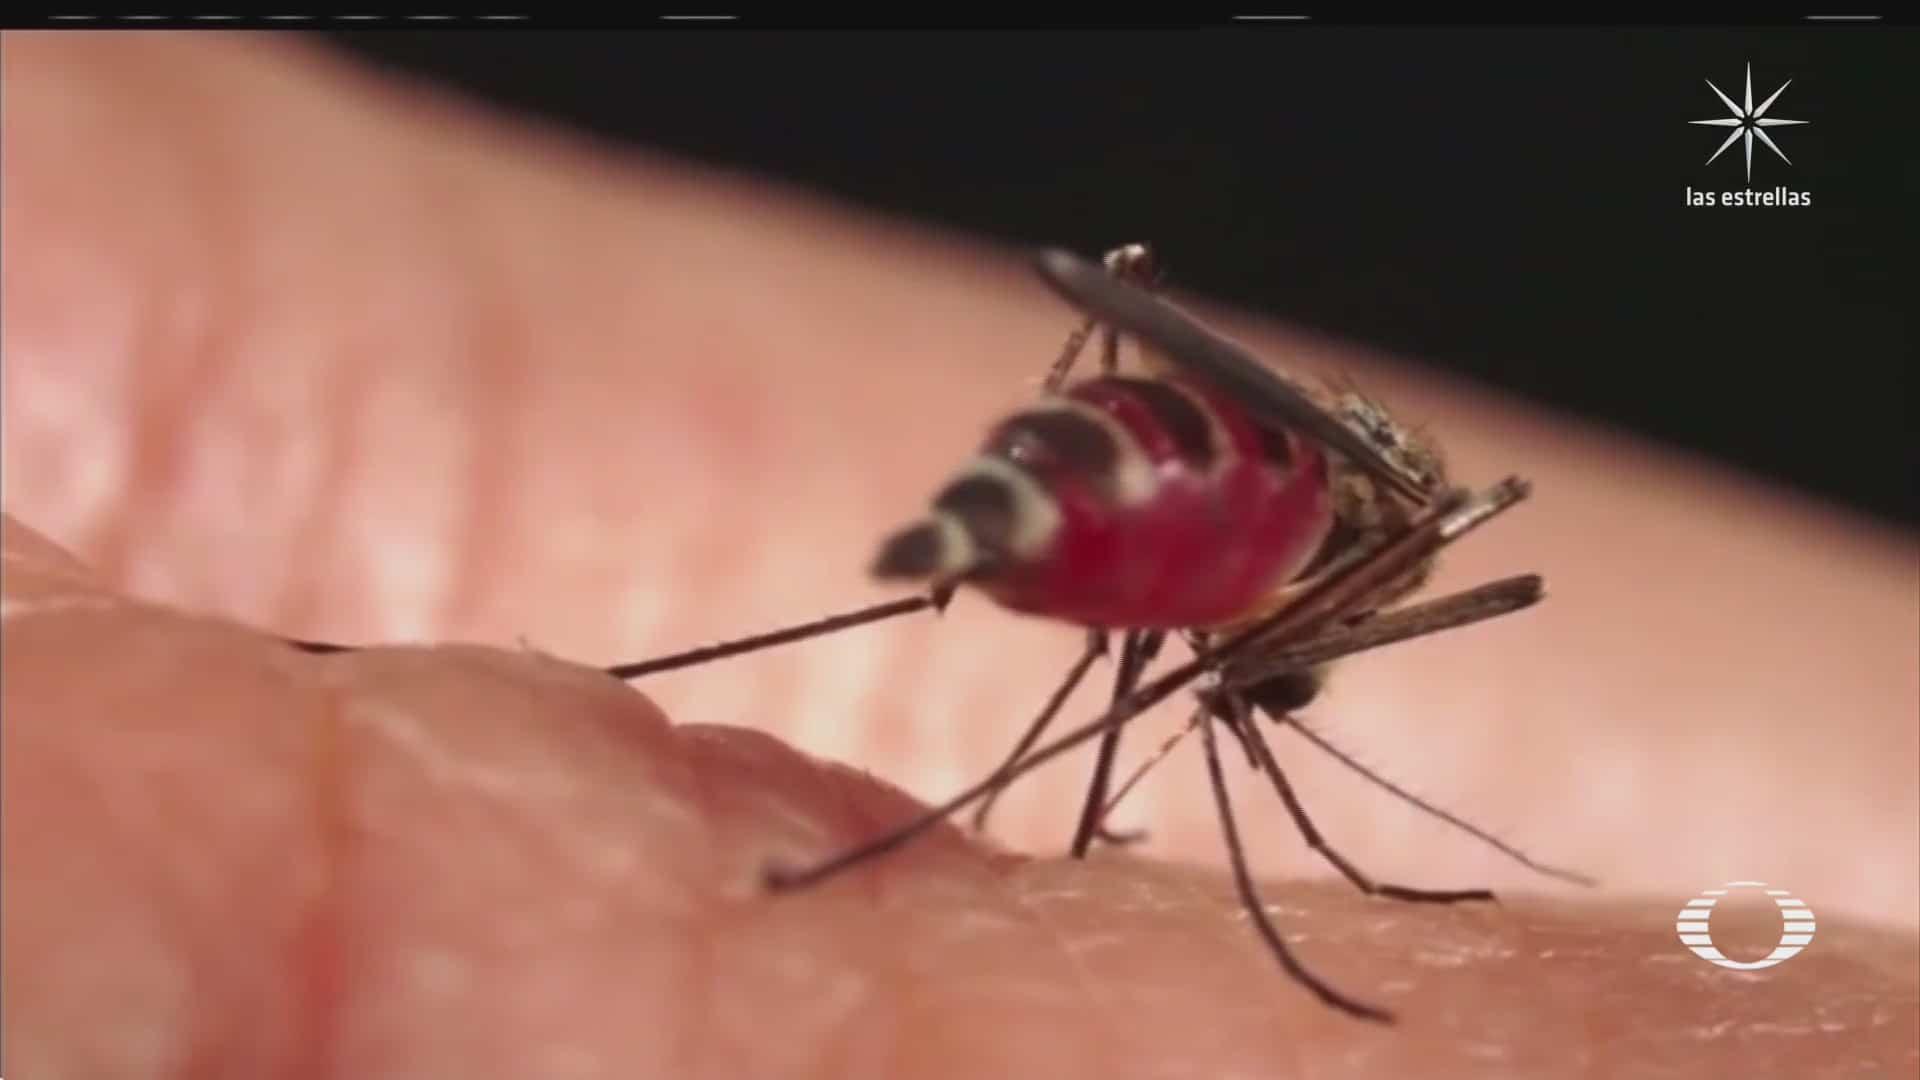 liberan millones de mosquitos aedes aegypti con bacteria que inhibe los virus